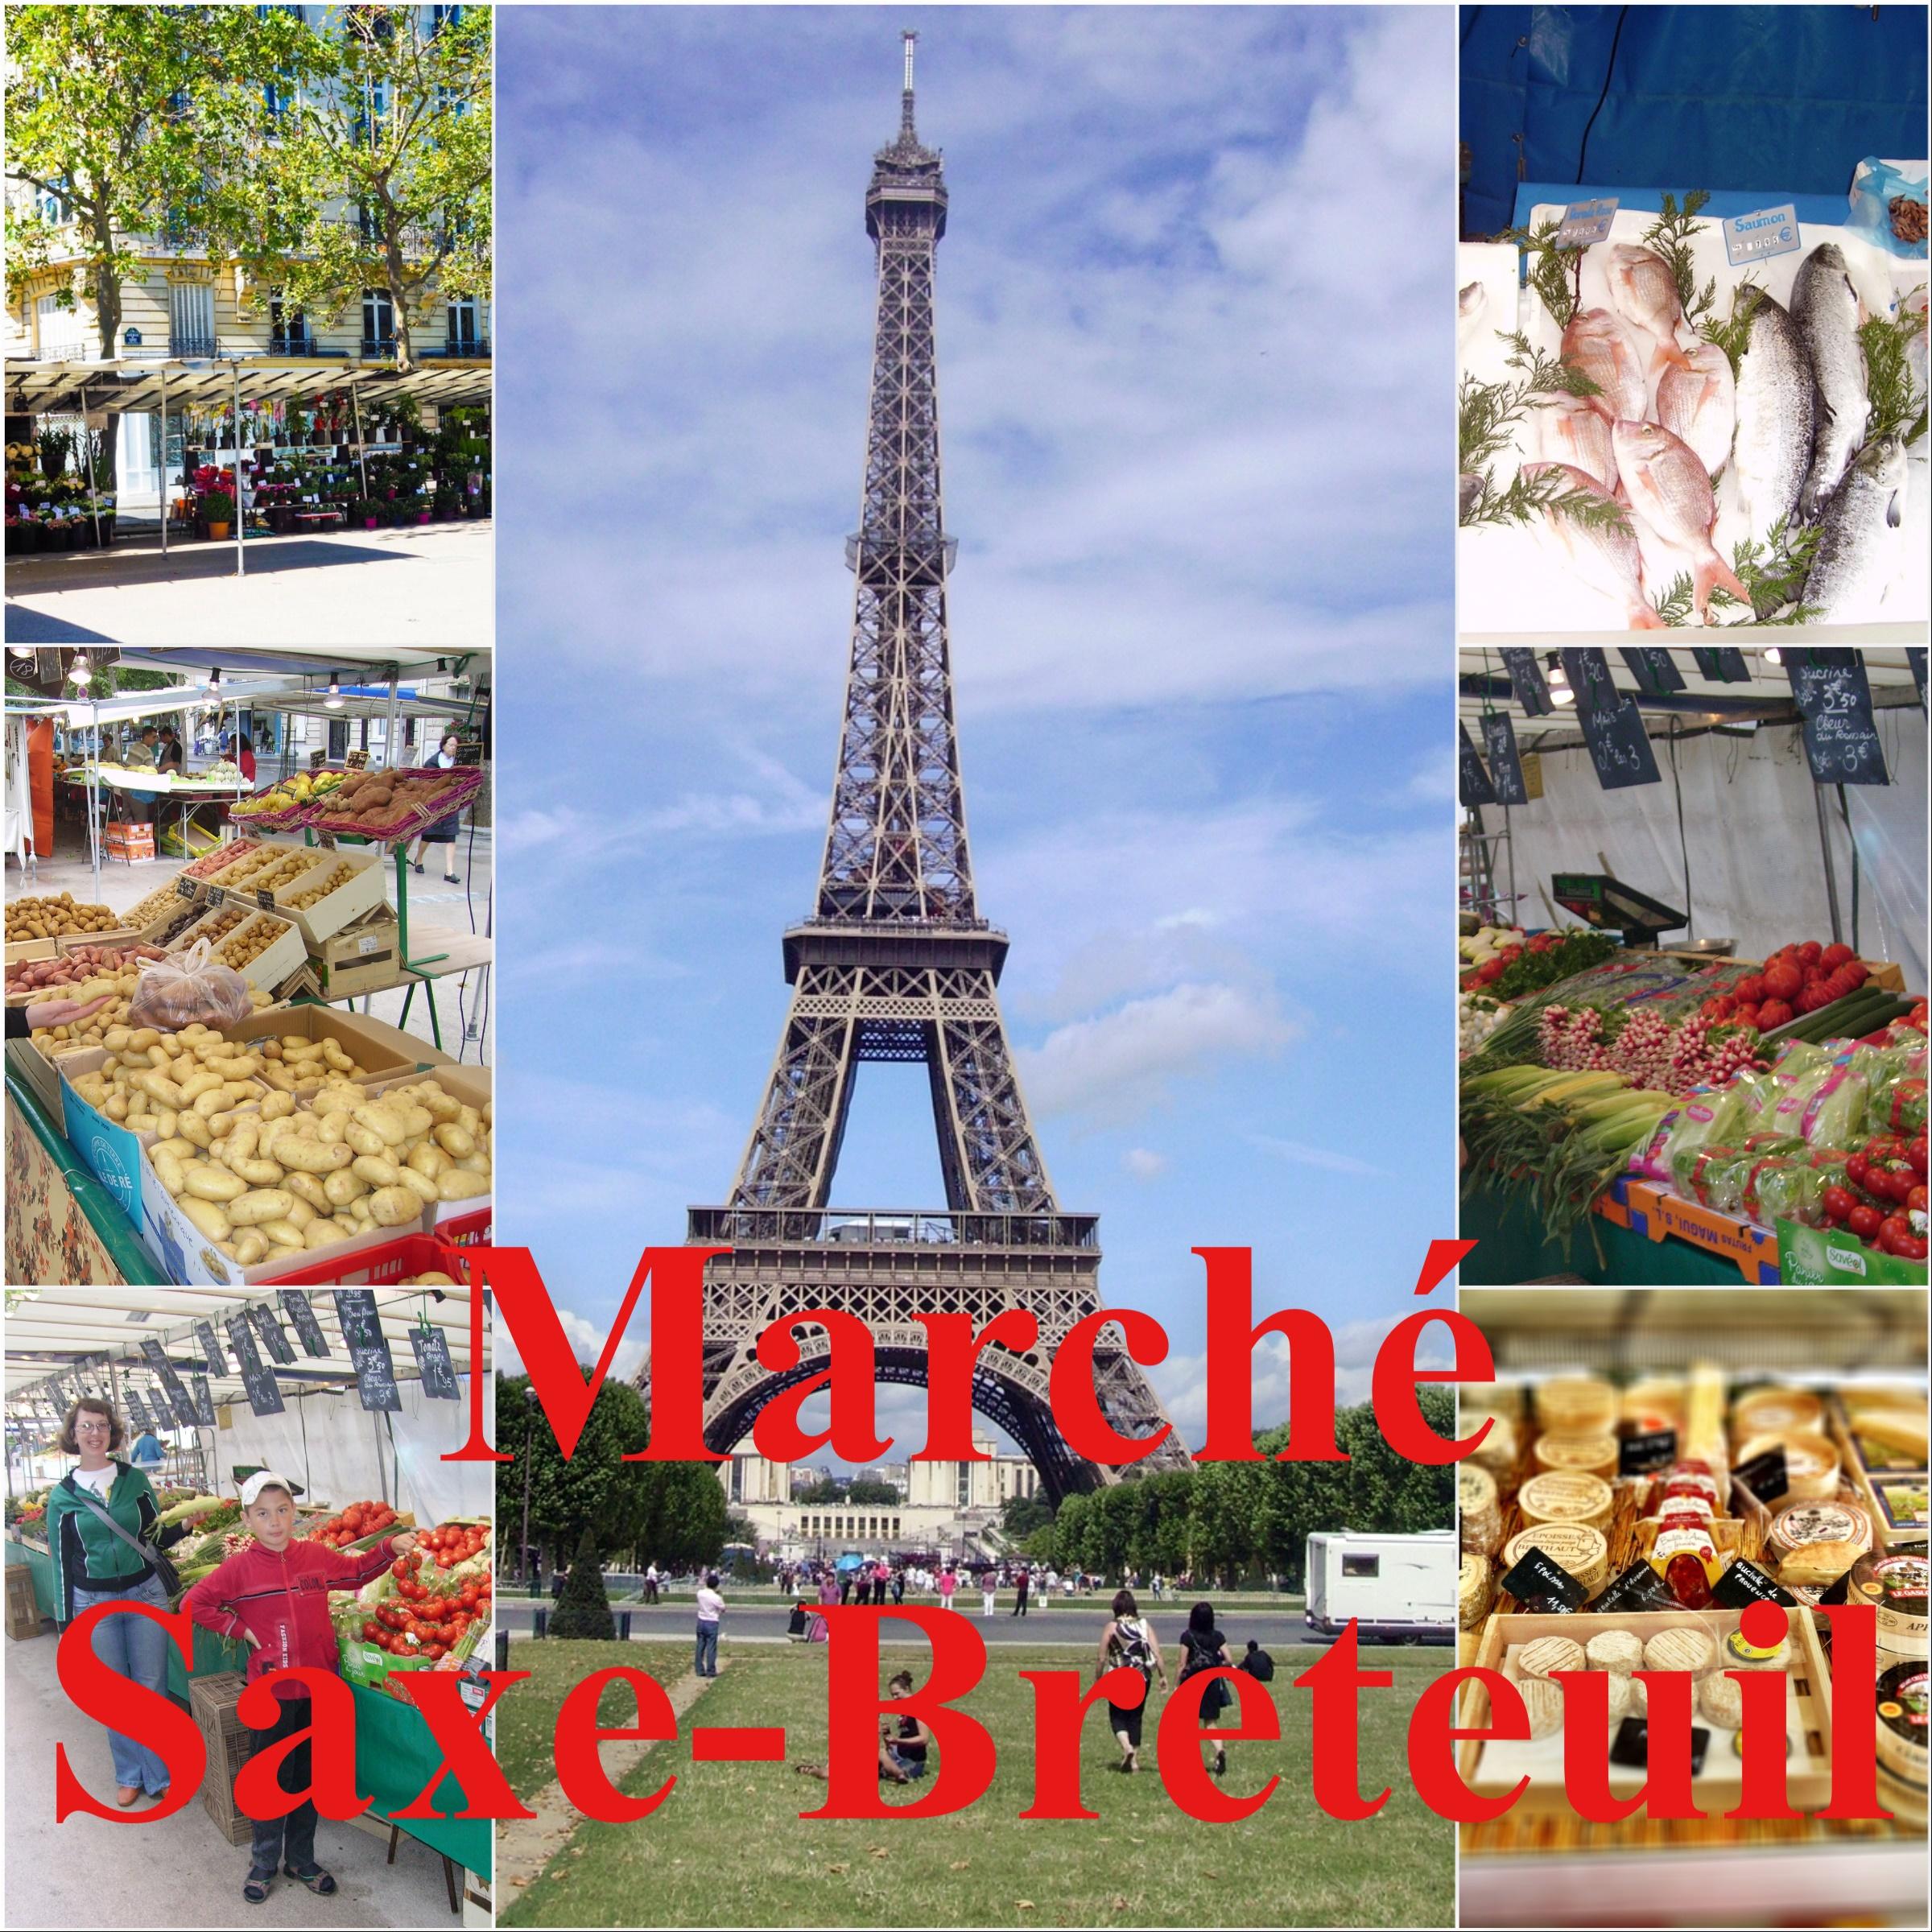 Marché Saxe-Breteuil